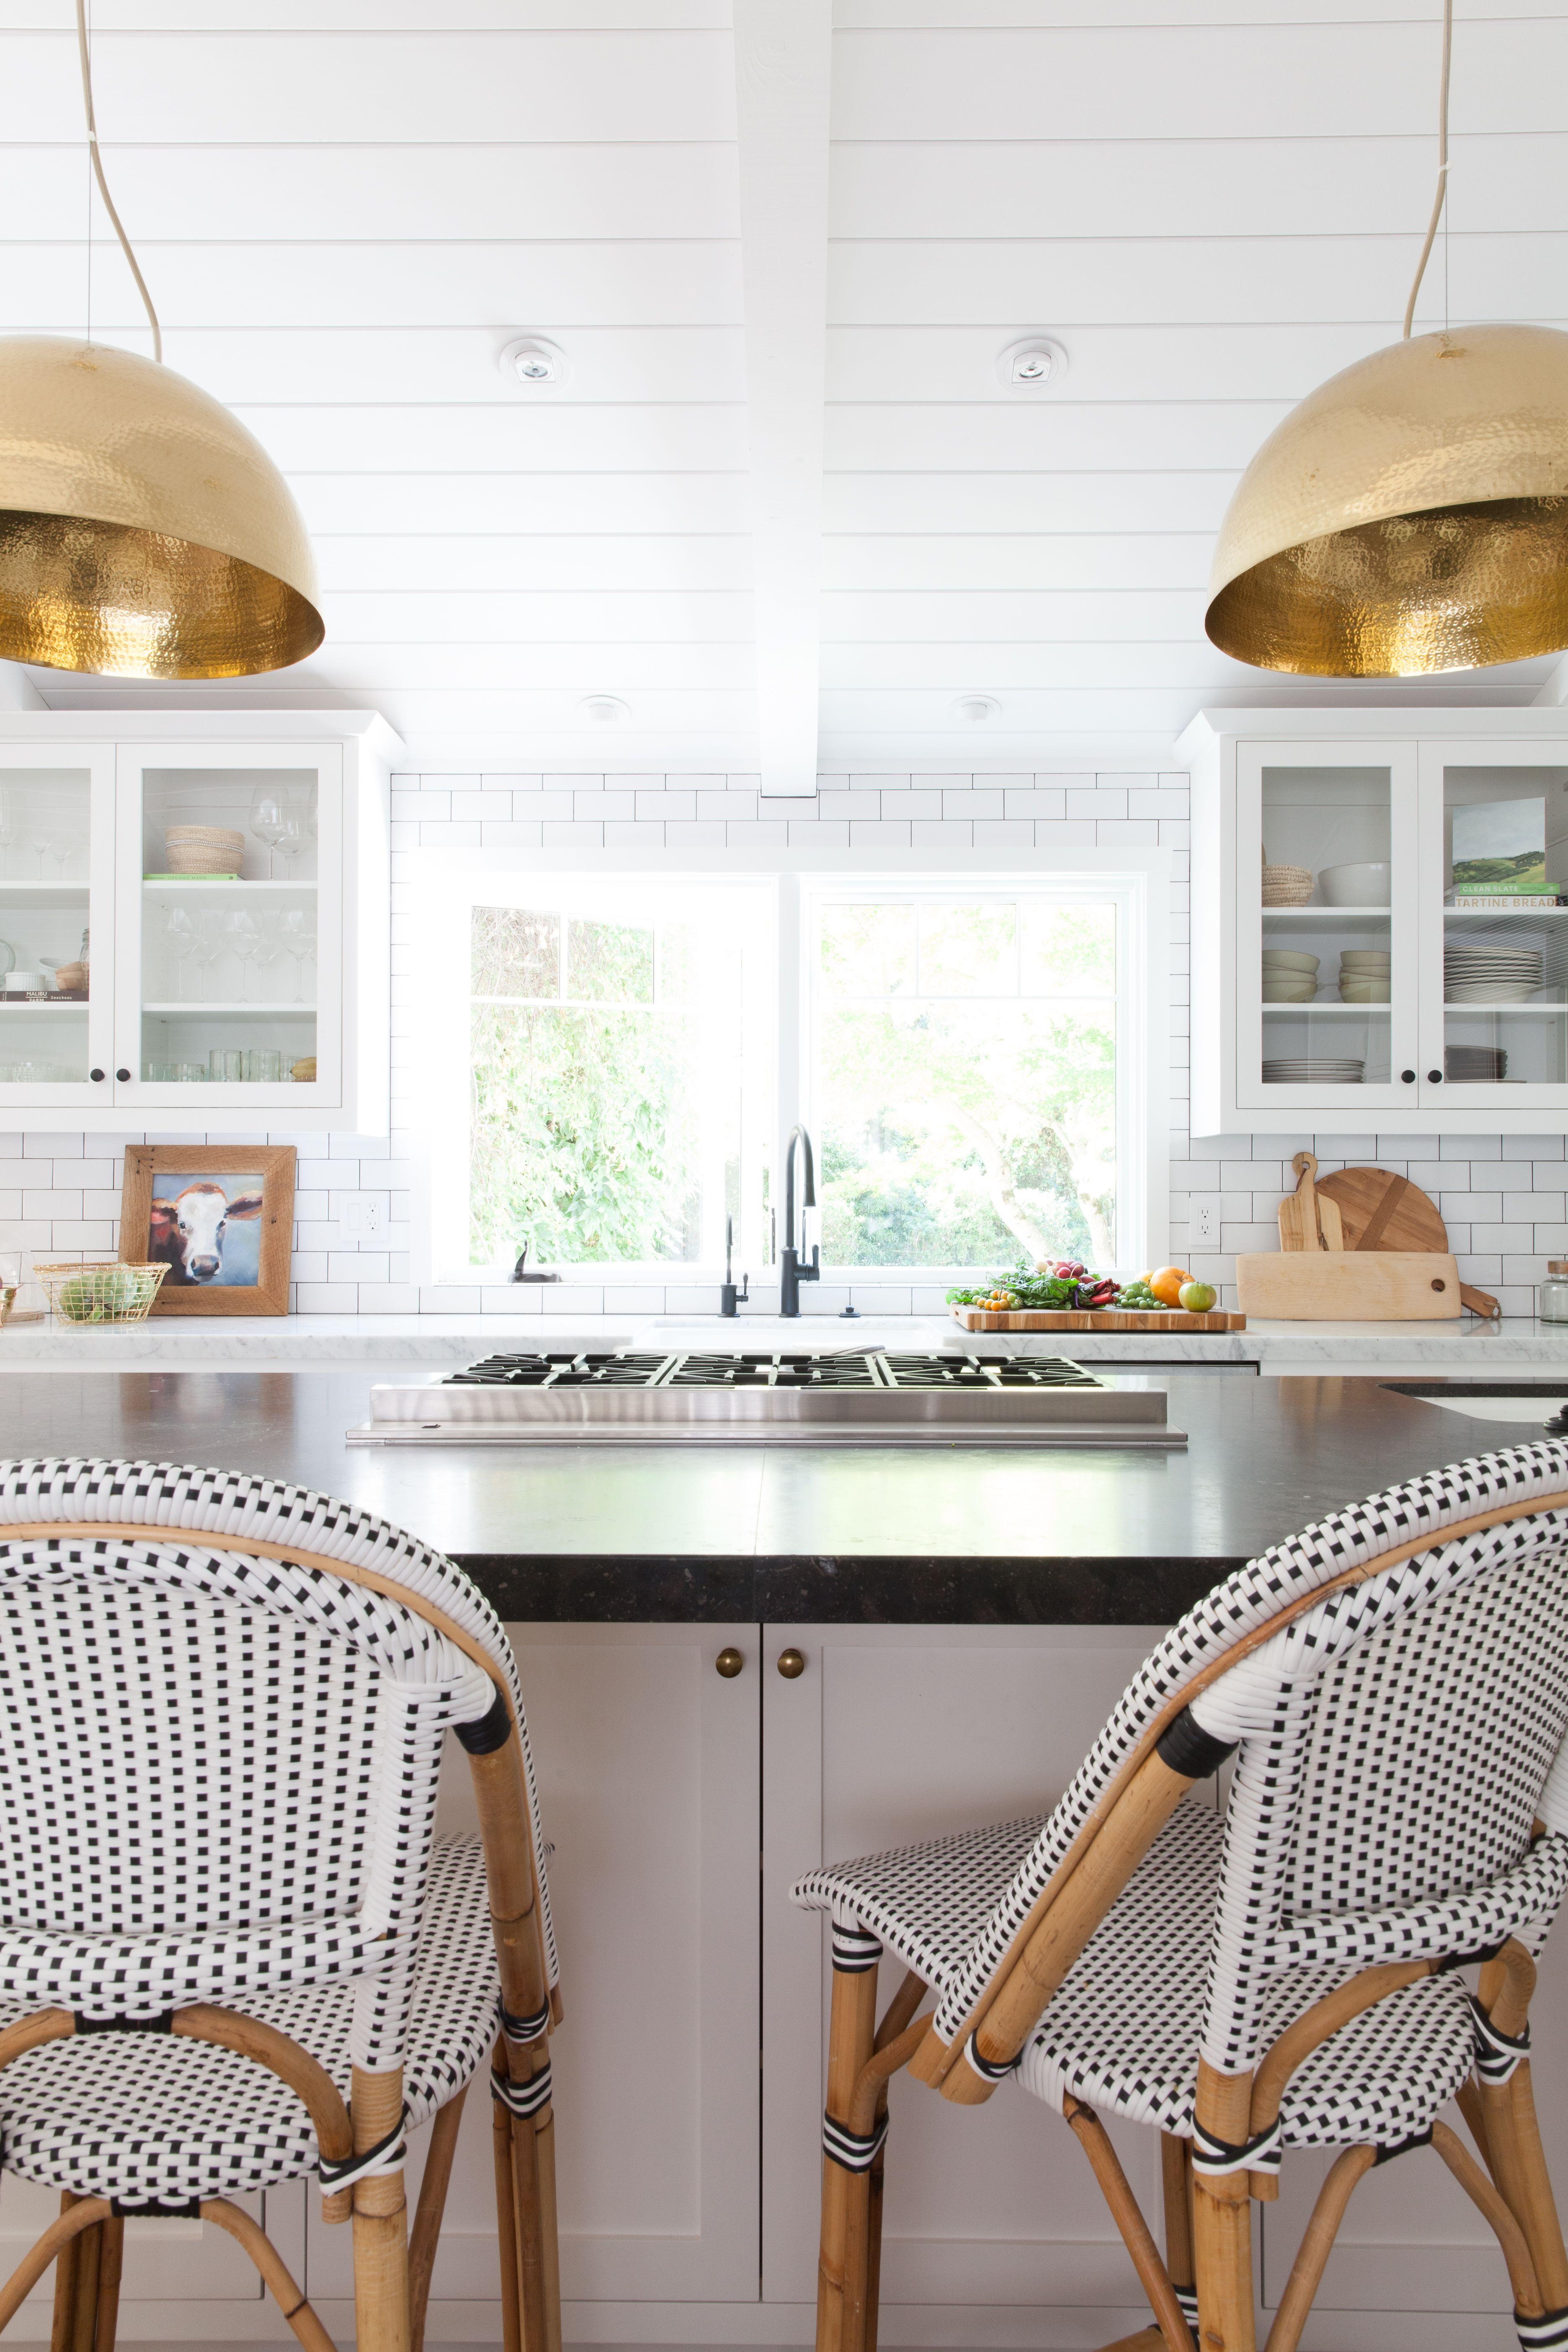 Kitchen inspiration Interior Design by Mindy Gayer